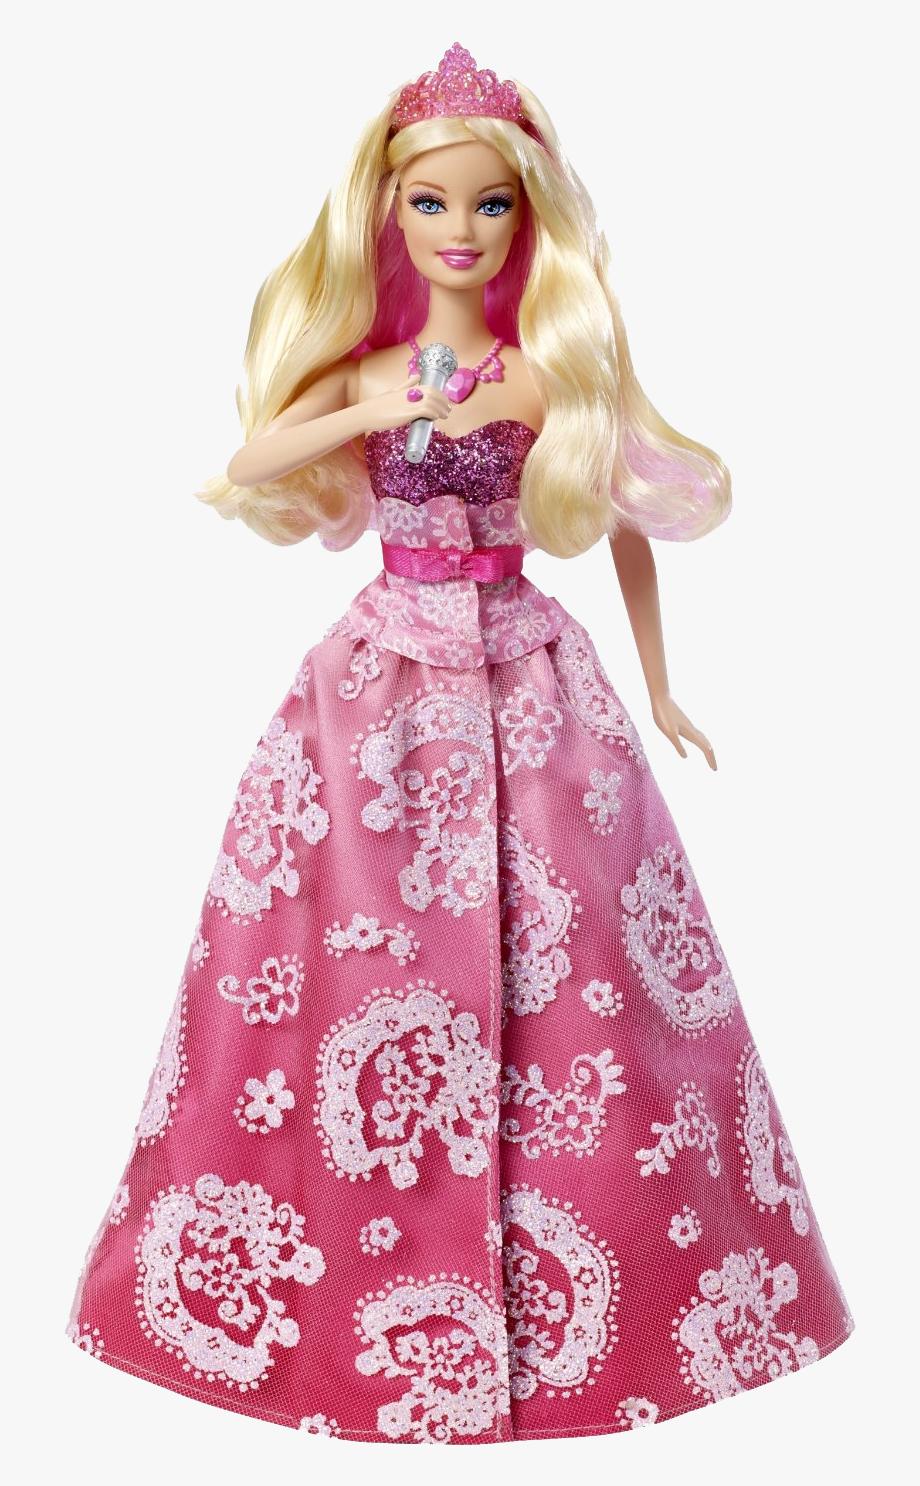 Doll png transparent images. Barbie clipart clip art